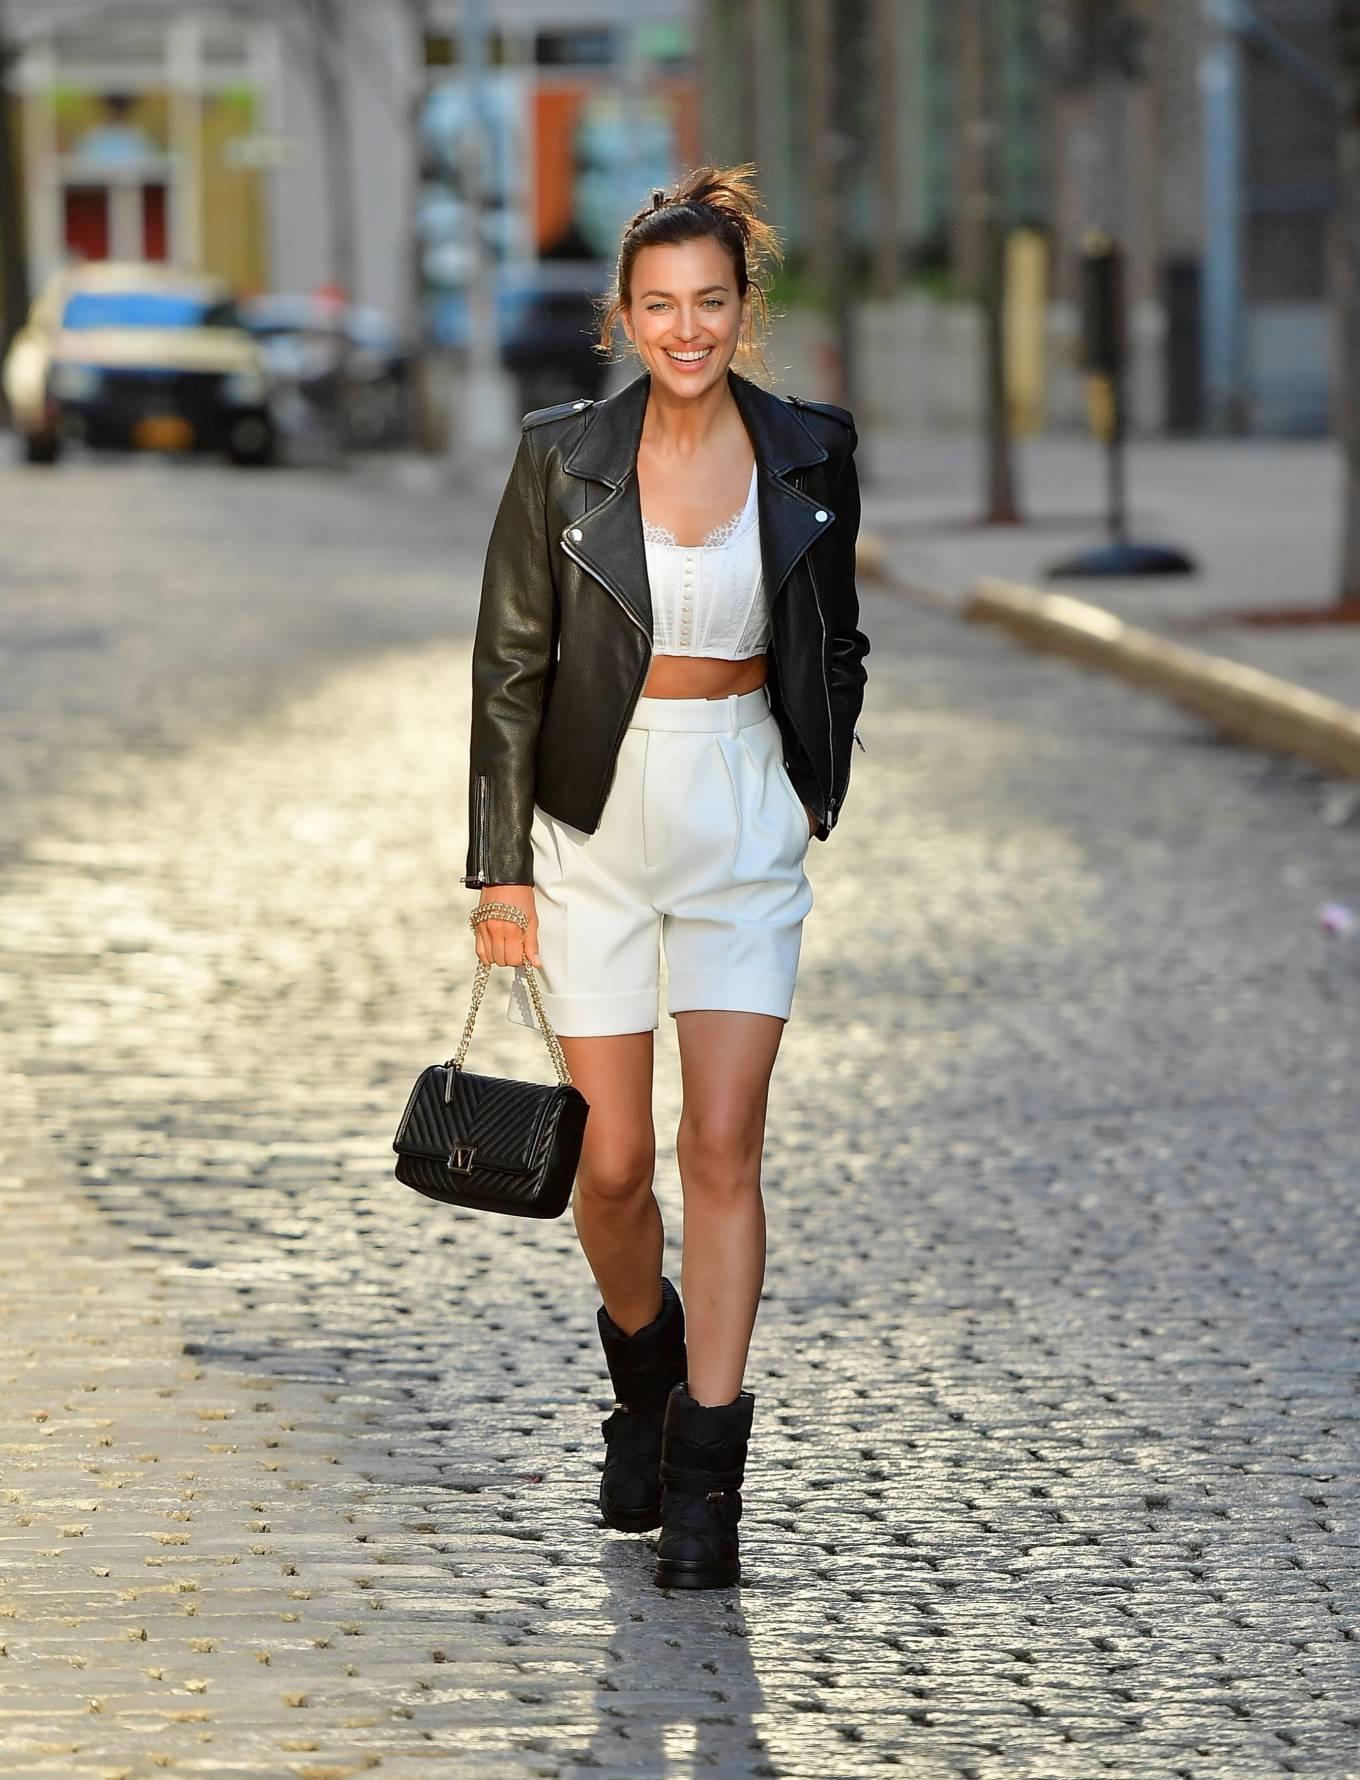 Irina Shayk 2021 : Irina Shayk – Victorias Secret photoshoot in New York-14